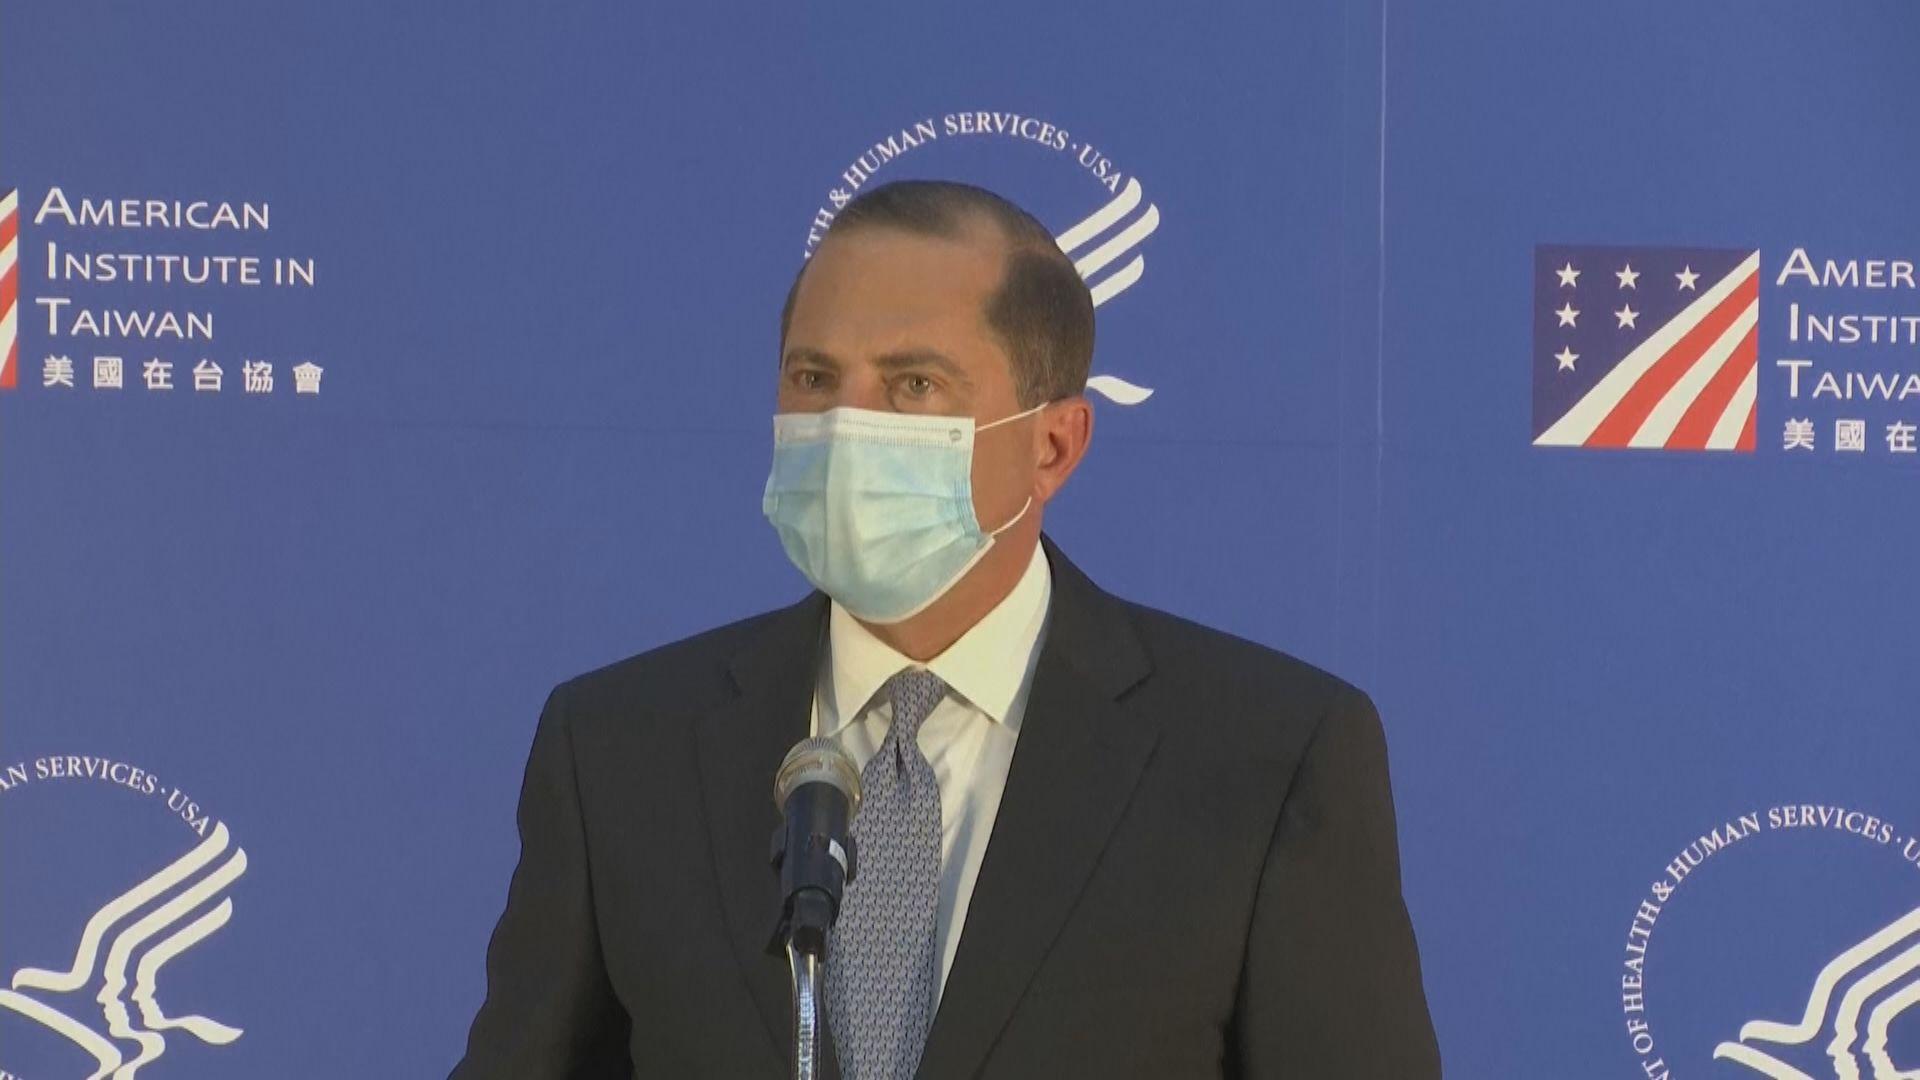 美國衞生部長阿扎結束訪台 北京批阿扎赴台做政治騷